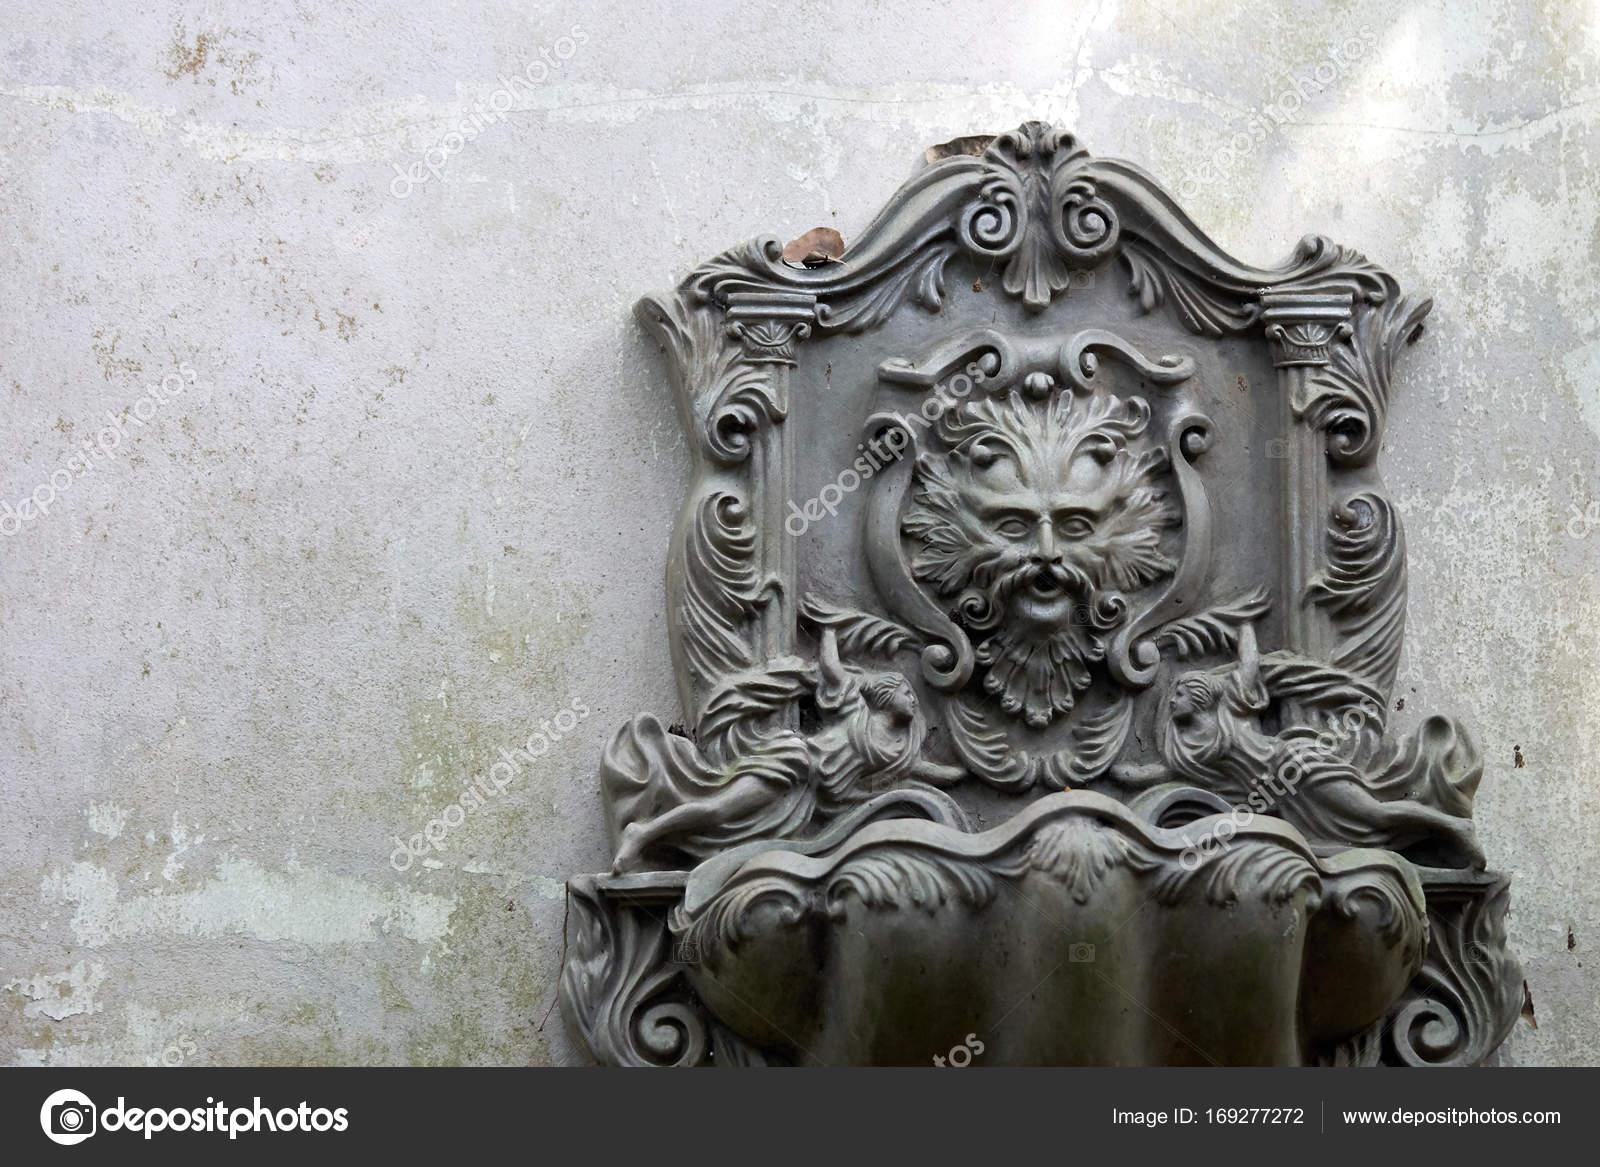 Oude leeuw hoofd fontein die is gemonteerd op een muur wit grijs